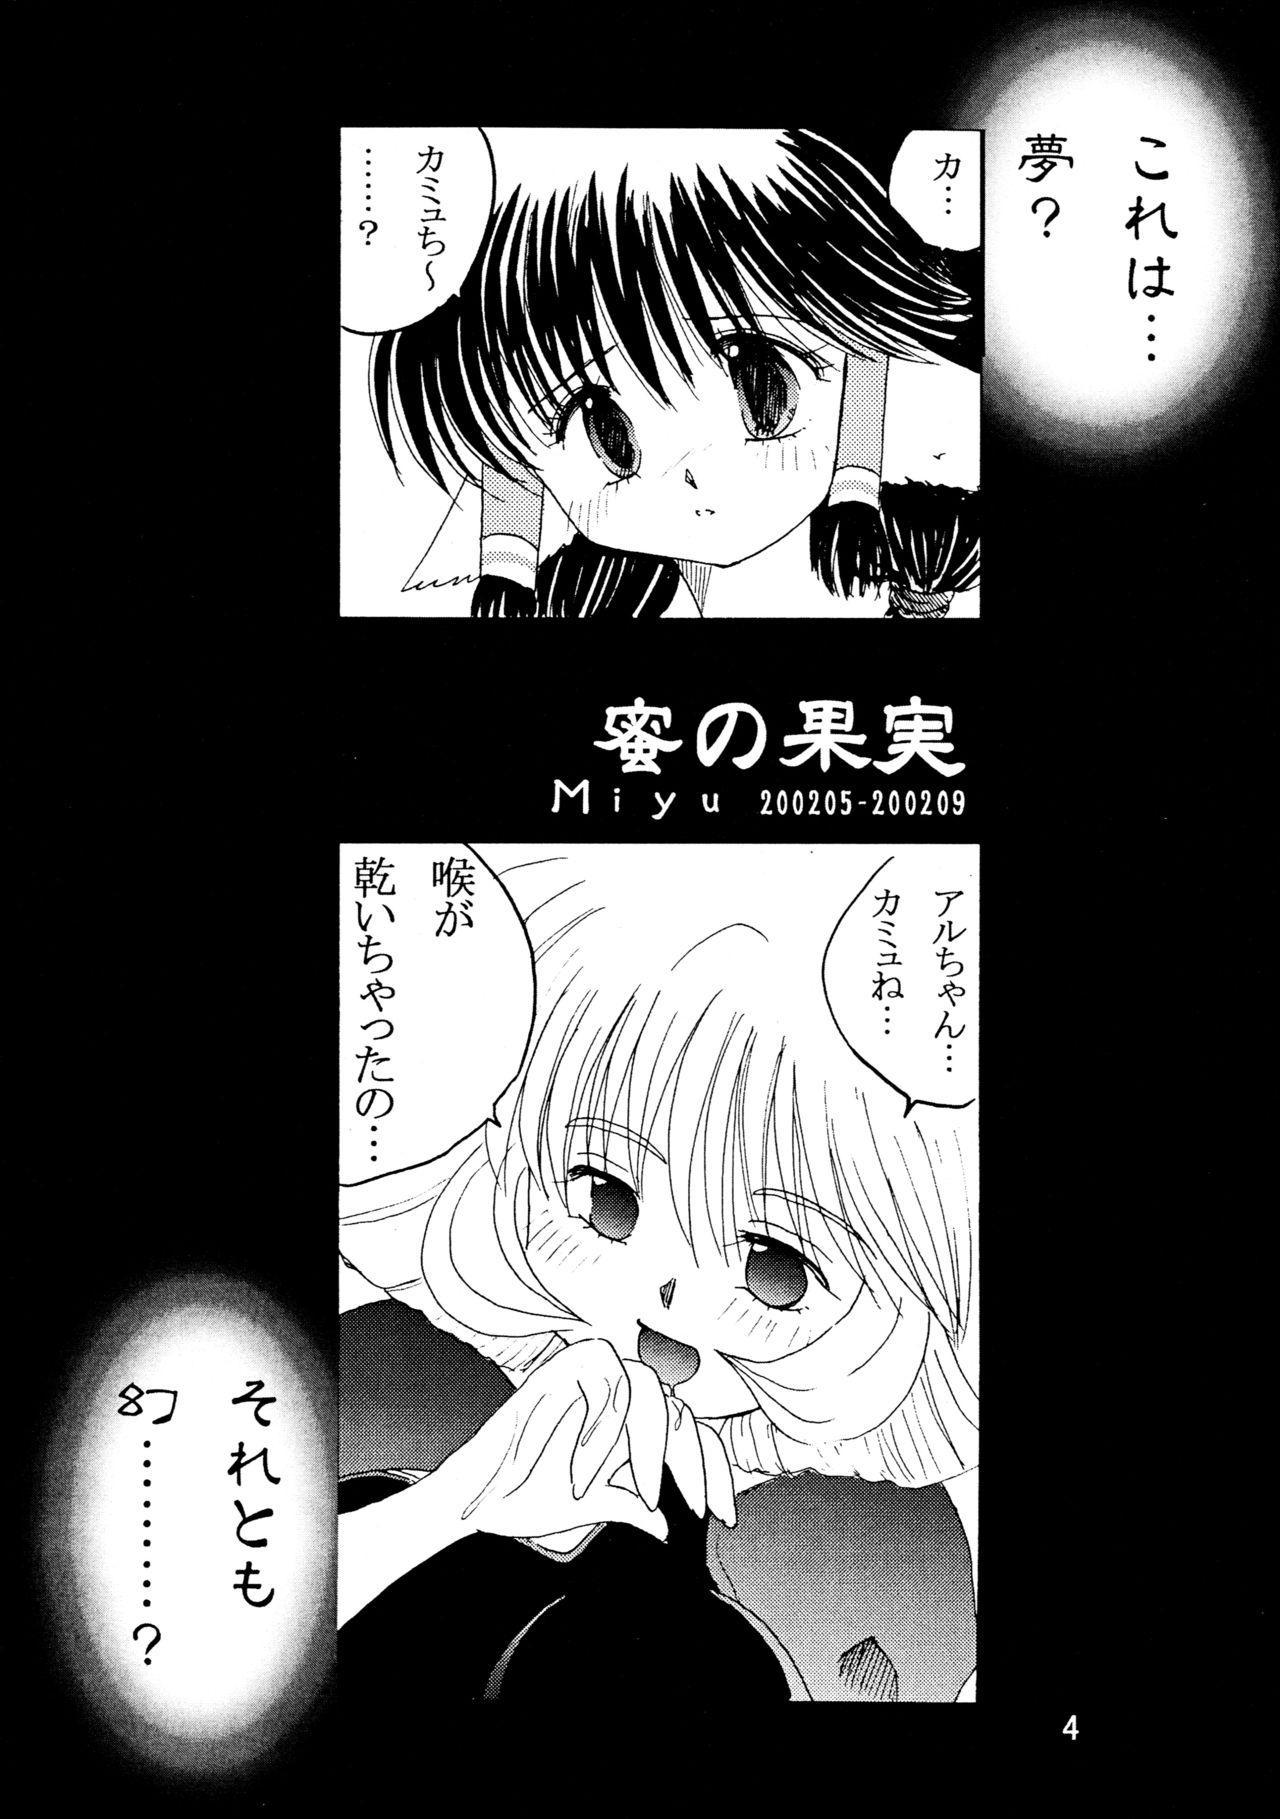 Yorokobi no Uta 3